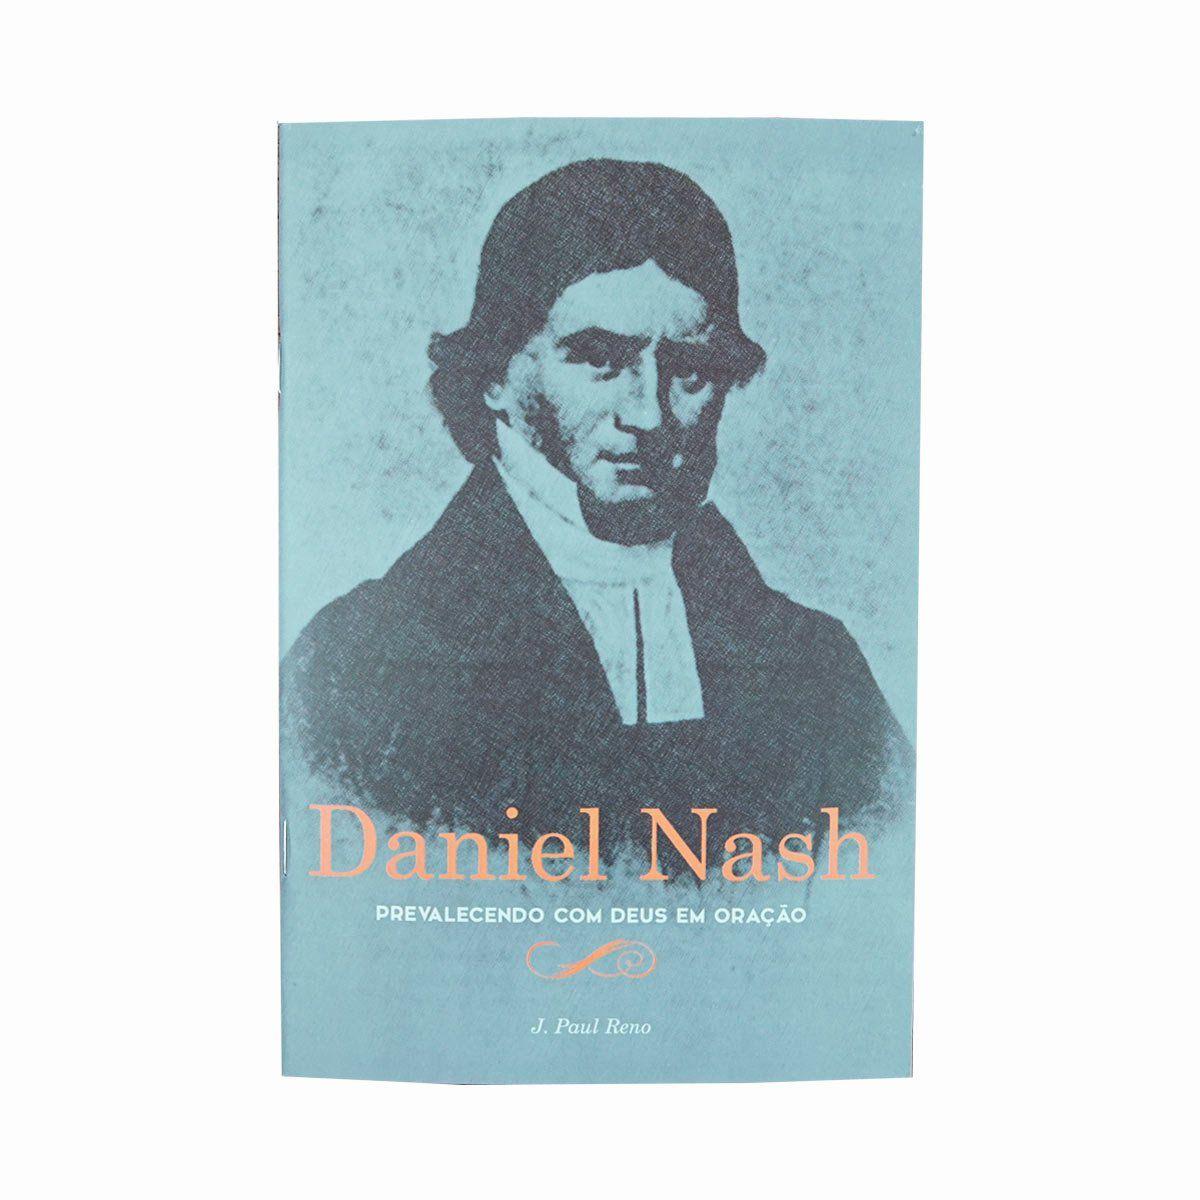 Daniel Nash - Prevalecendo com Deus em Oracao  - Loja JesusCopy